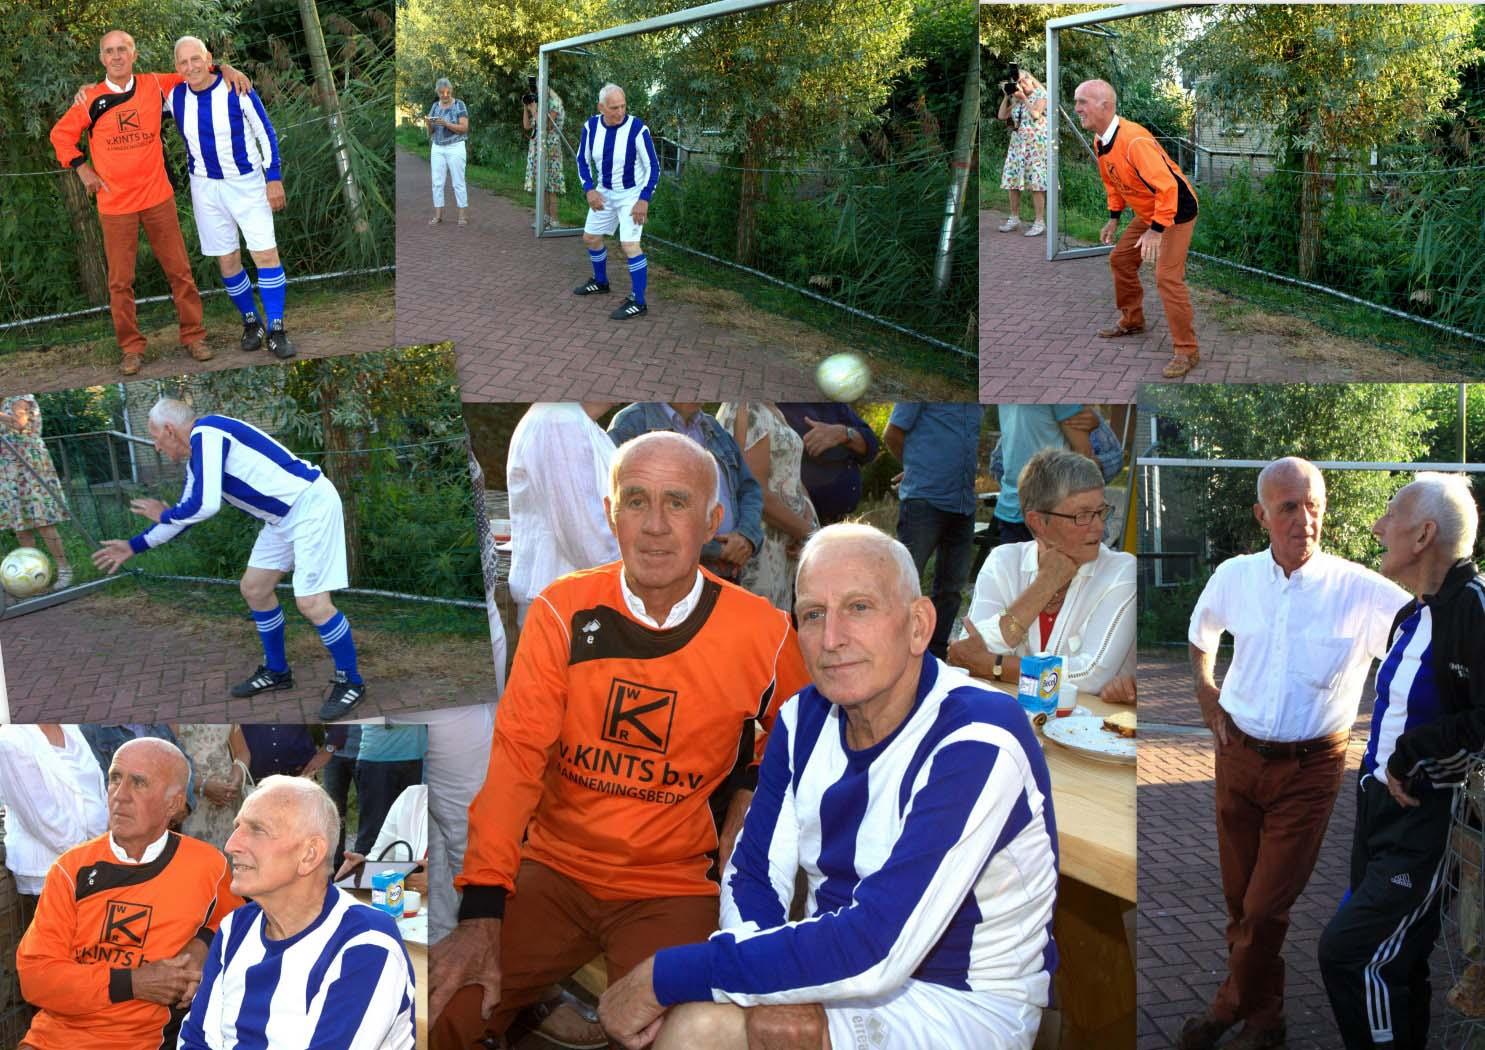 2016_09_09-expositie-sporters-van-ter-aar-10-9-2016-19-17-13-5120x3620: chvteraar.nl/author/george